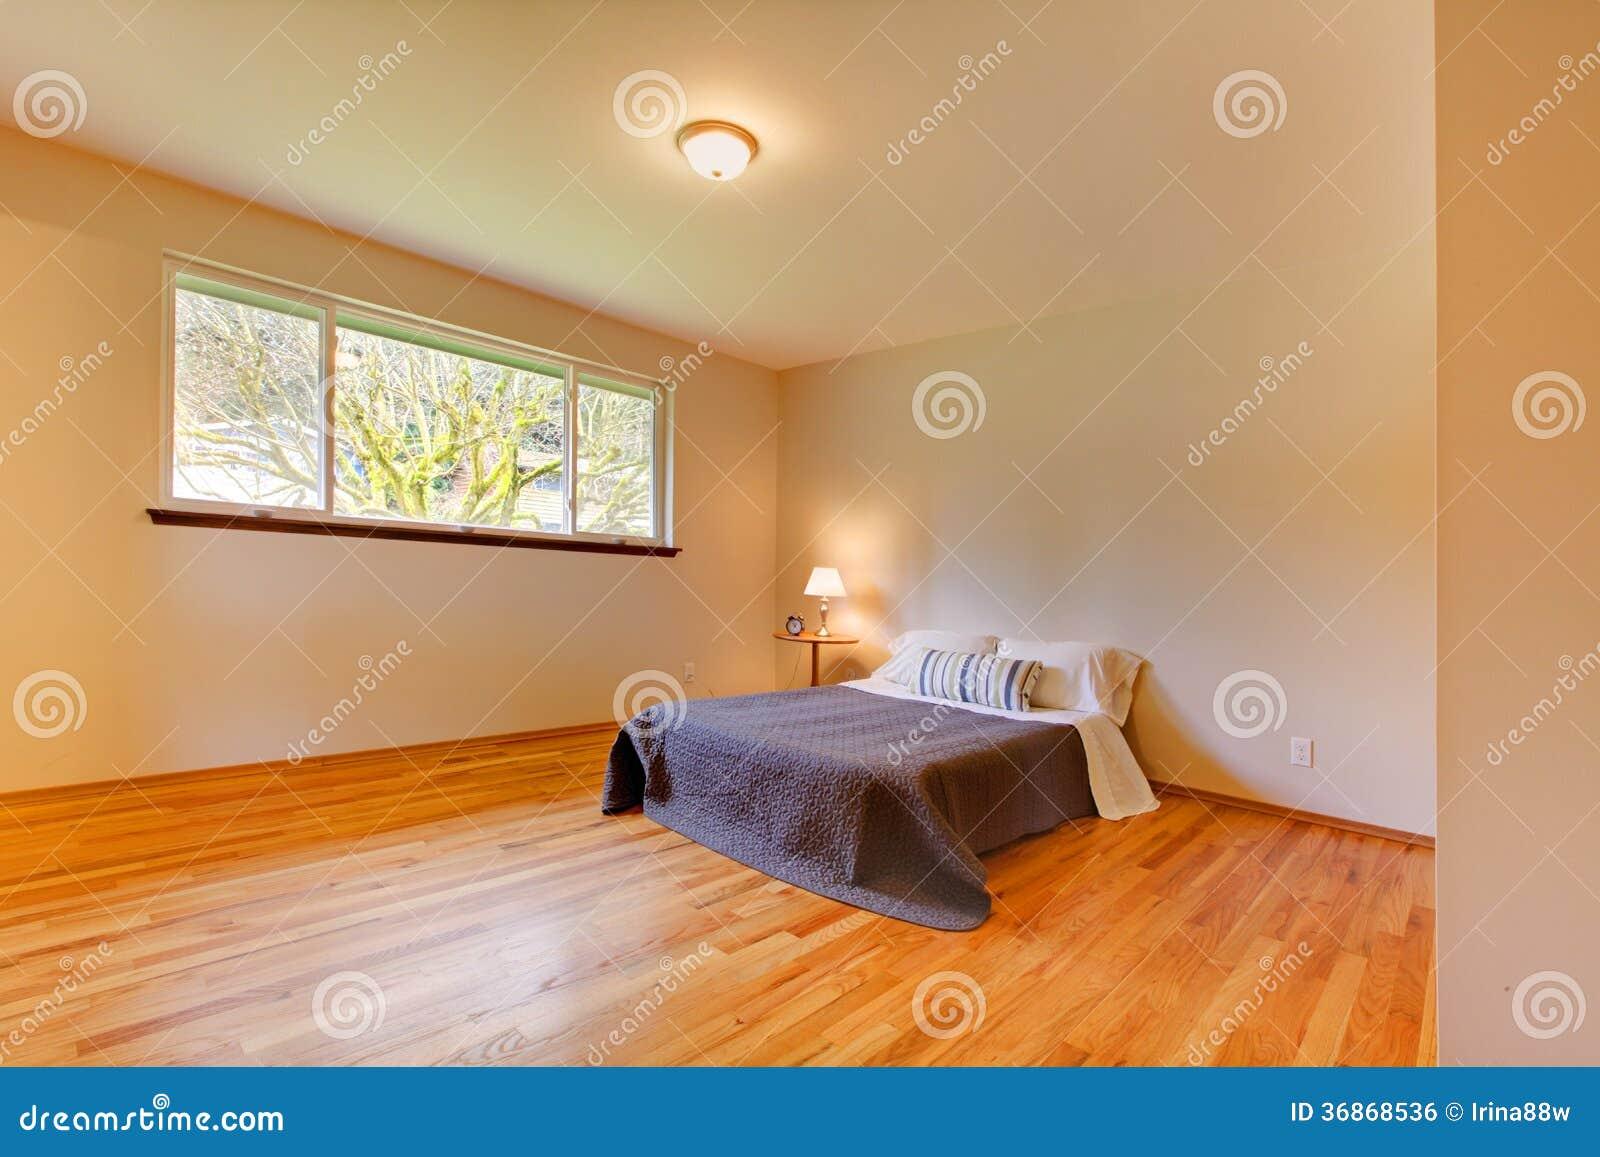 La chambre coucher spacieuse avec la lumi re modifie la tonalit les murs et le plancher en for Les chombre a coucher